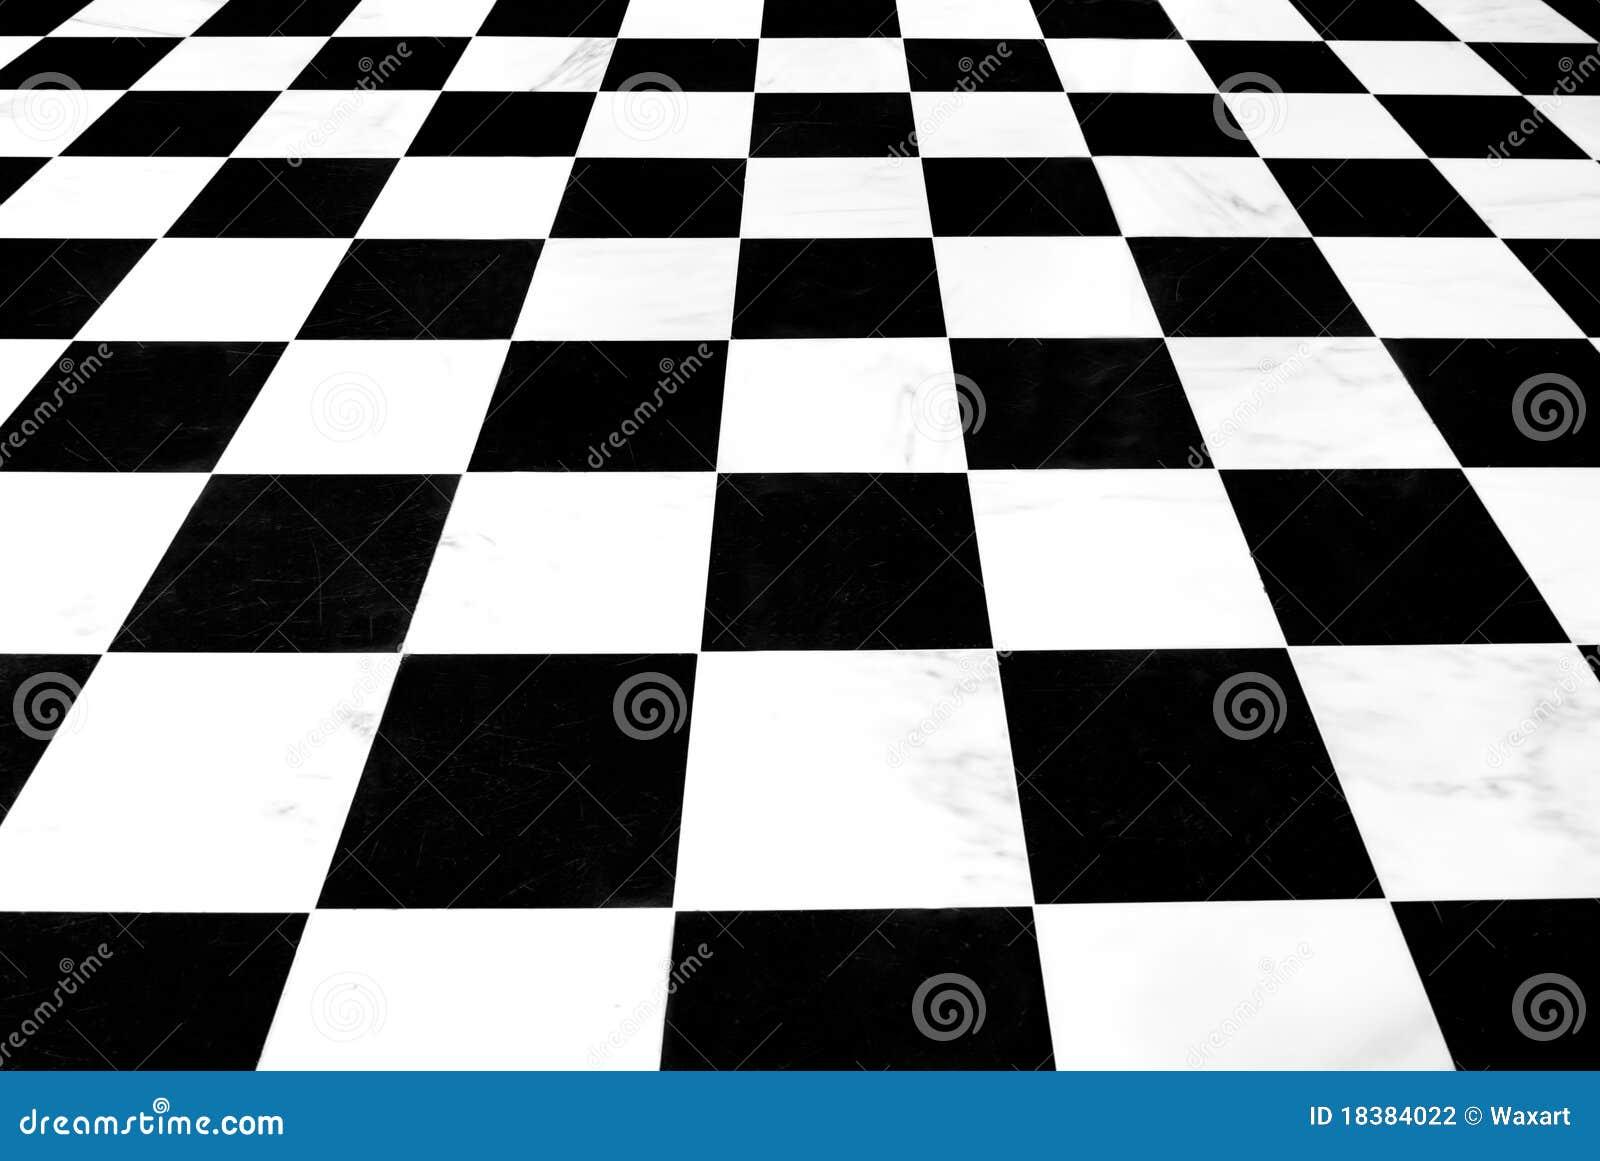 Assoalho checkered preto e branco